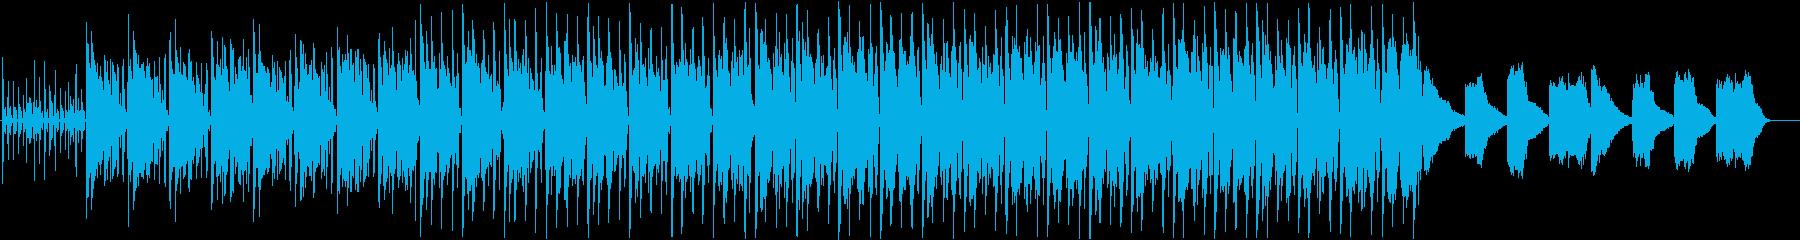 おしゃれなギター4つ打ちヒップホップ風曲の再生済みの波形